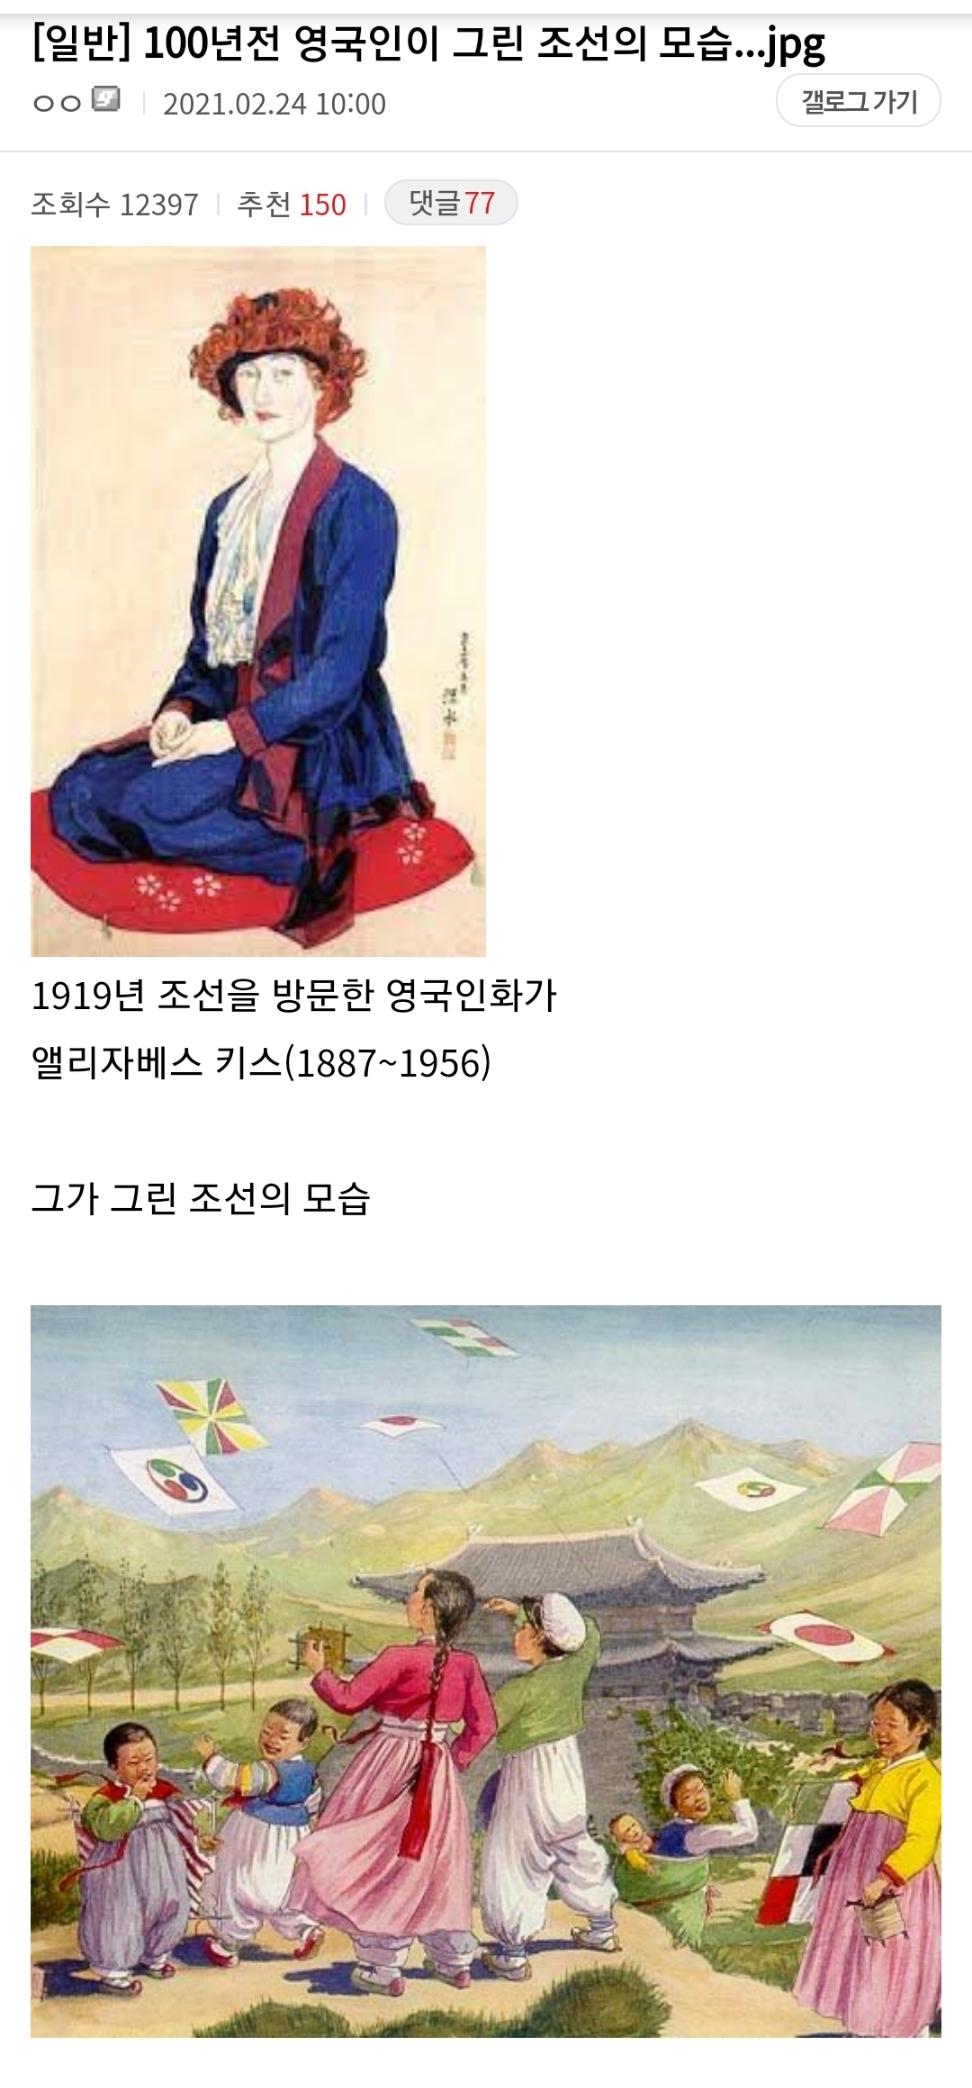 100여년전 조선을 그린 어느 영국인 화가 - 꾸르